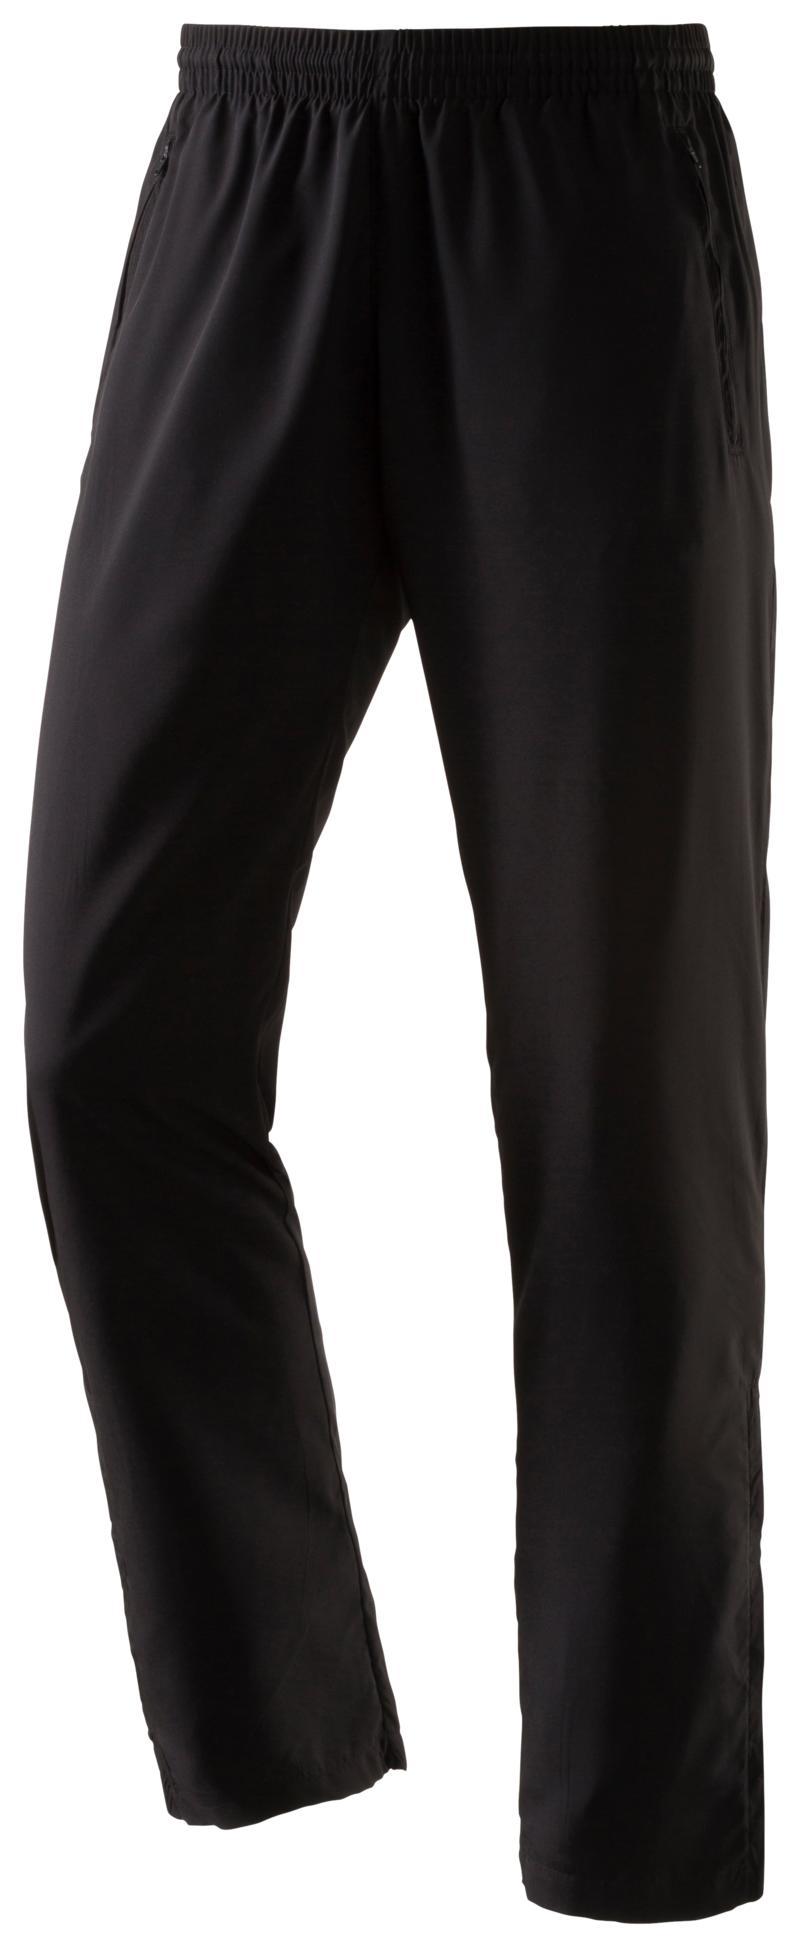 Energetics BERGA UX, moške hlače, črna